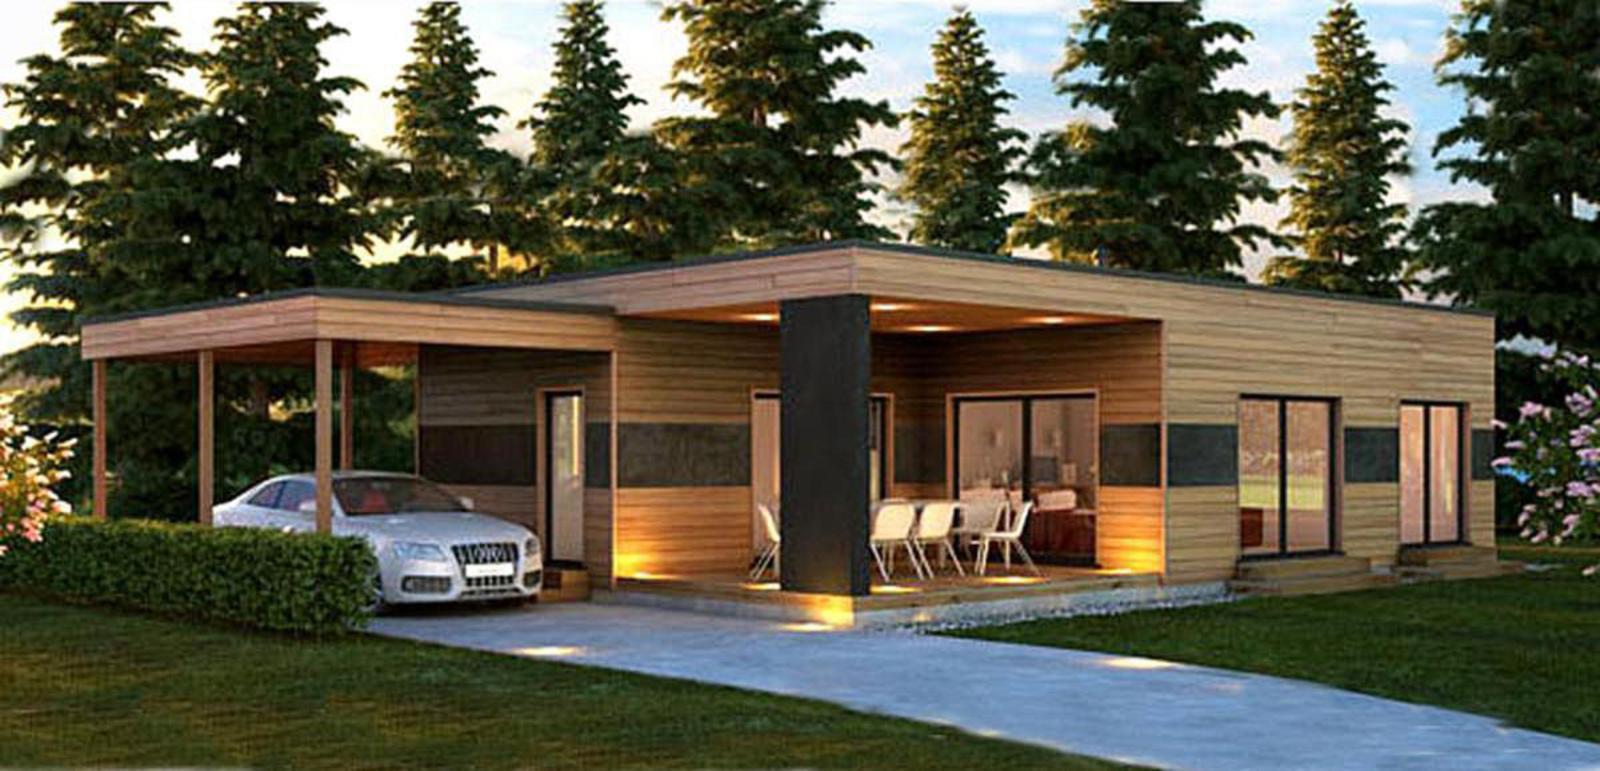 Bungalows modulares a medida casas de madera y - Casas prefabricadas tarragona ...